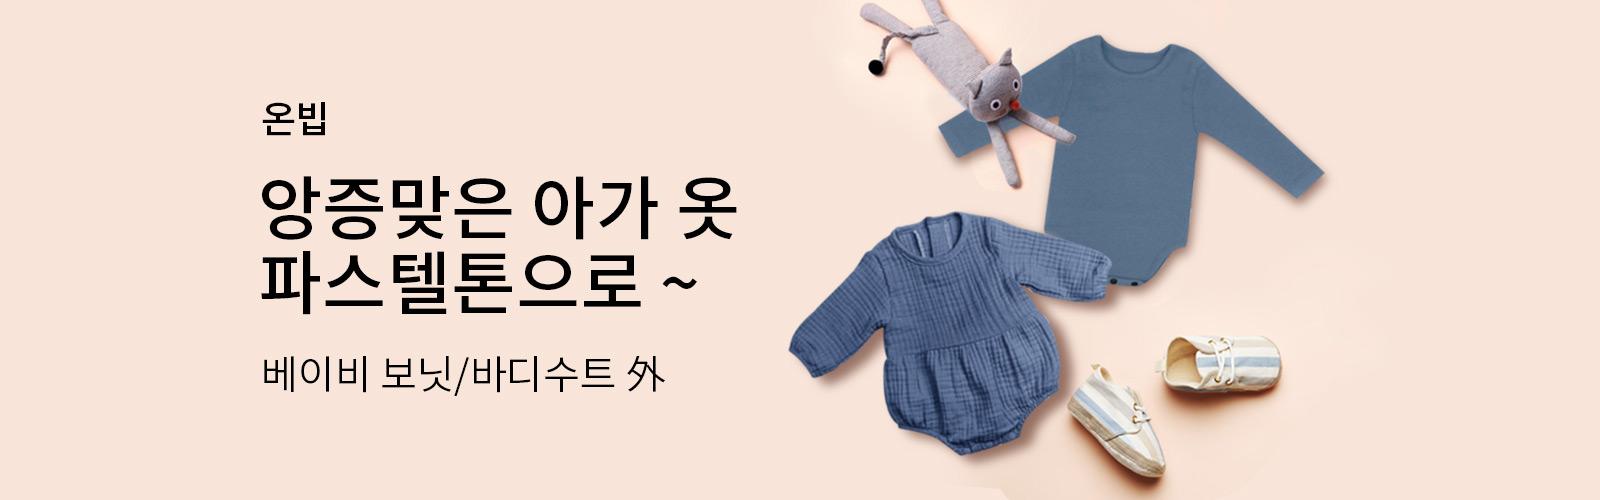 온빕 앙증맞은 아가 옷 파스텔톤으로 베이비 보닛/바디수트 外